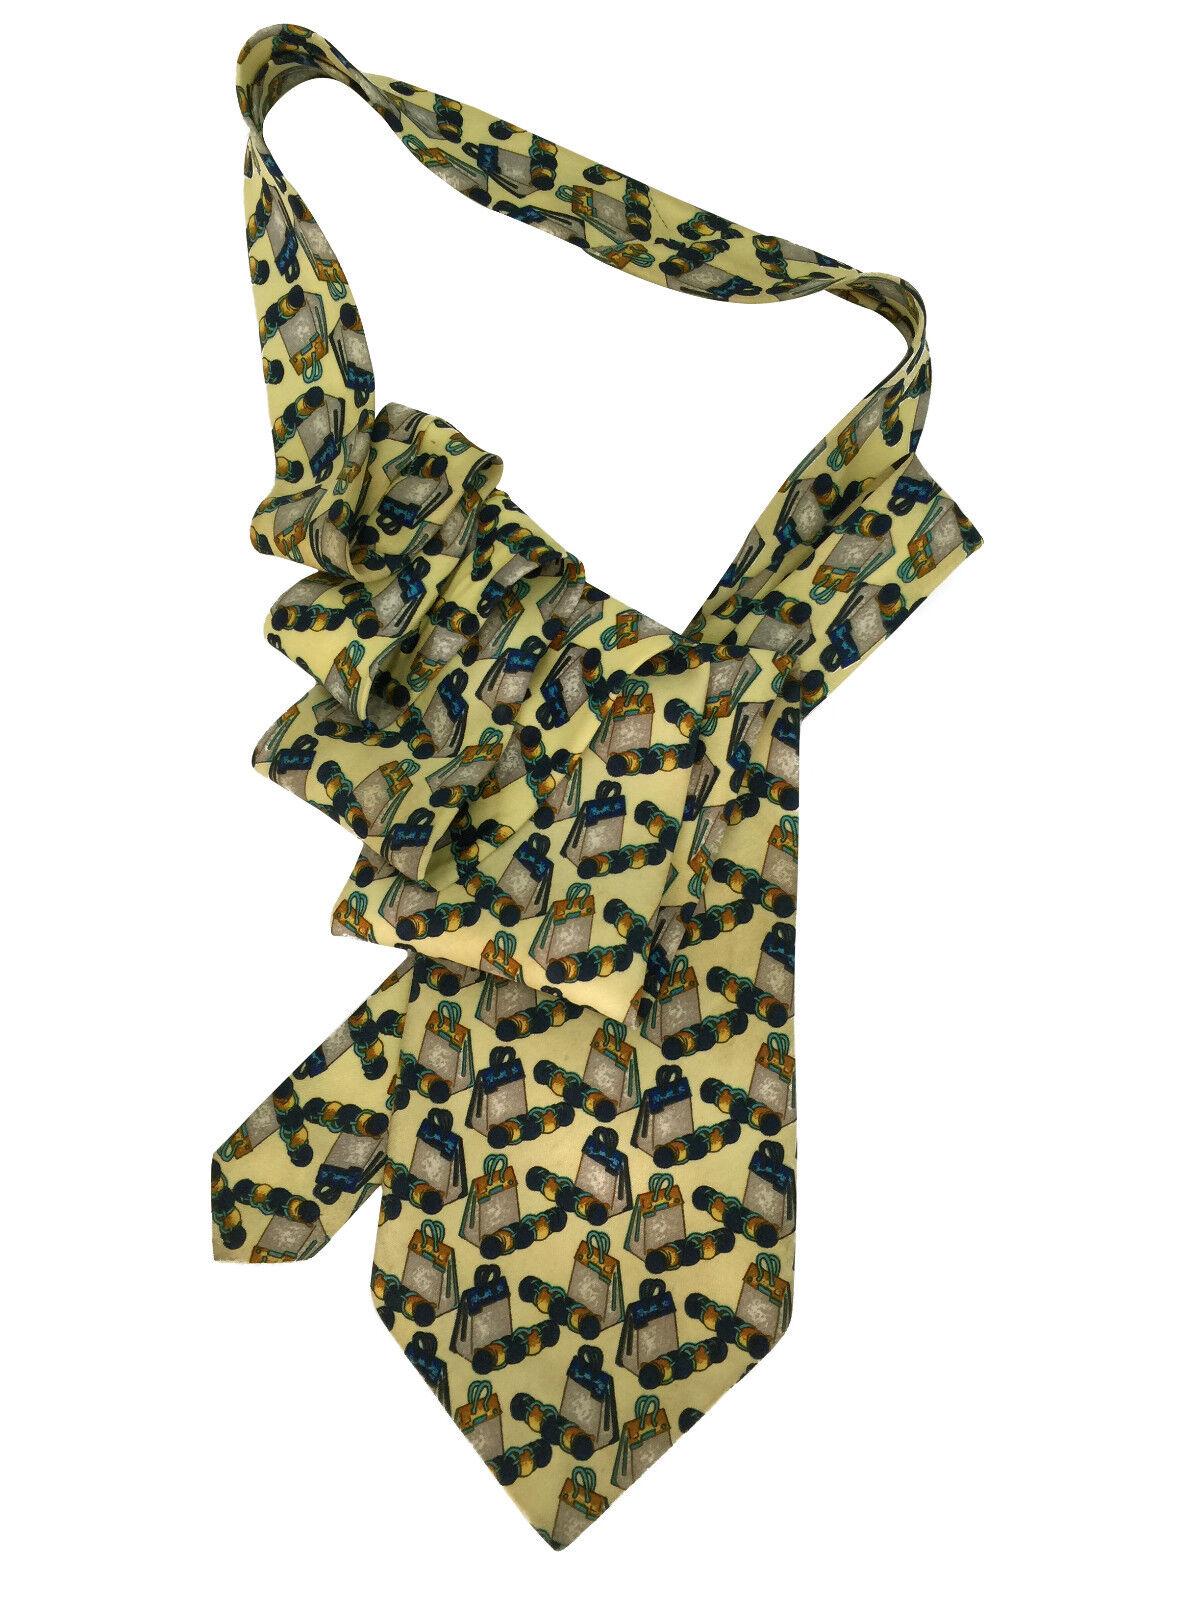 Sales -20% Tie women's. Silk 100% Italy. Collar, Cravat, necklace, necktie